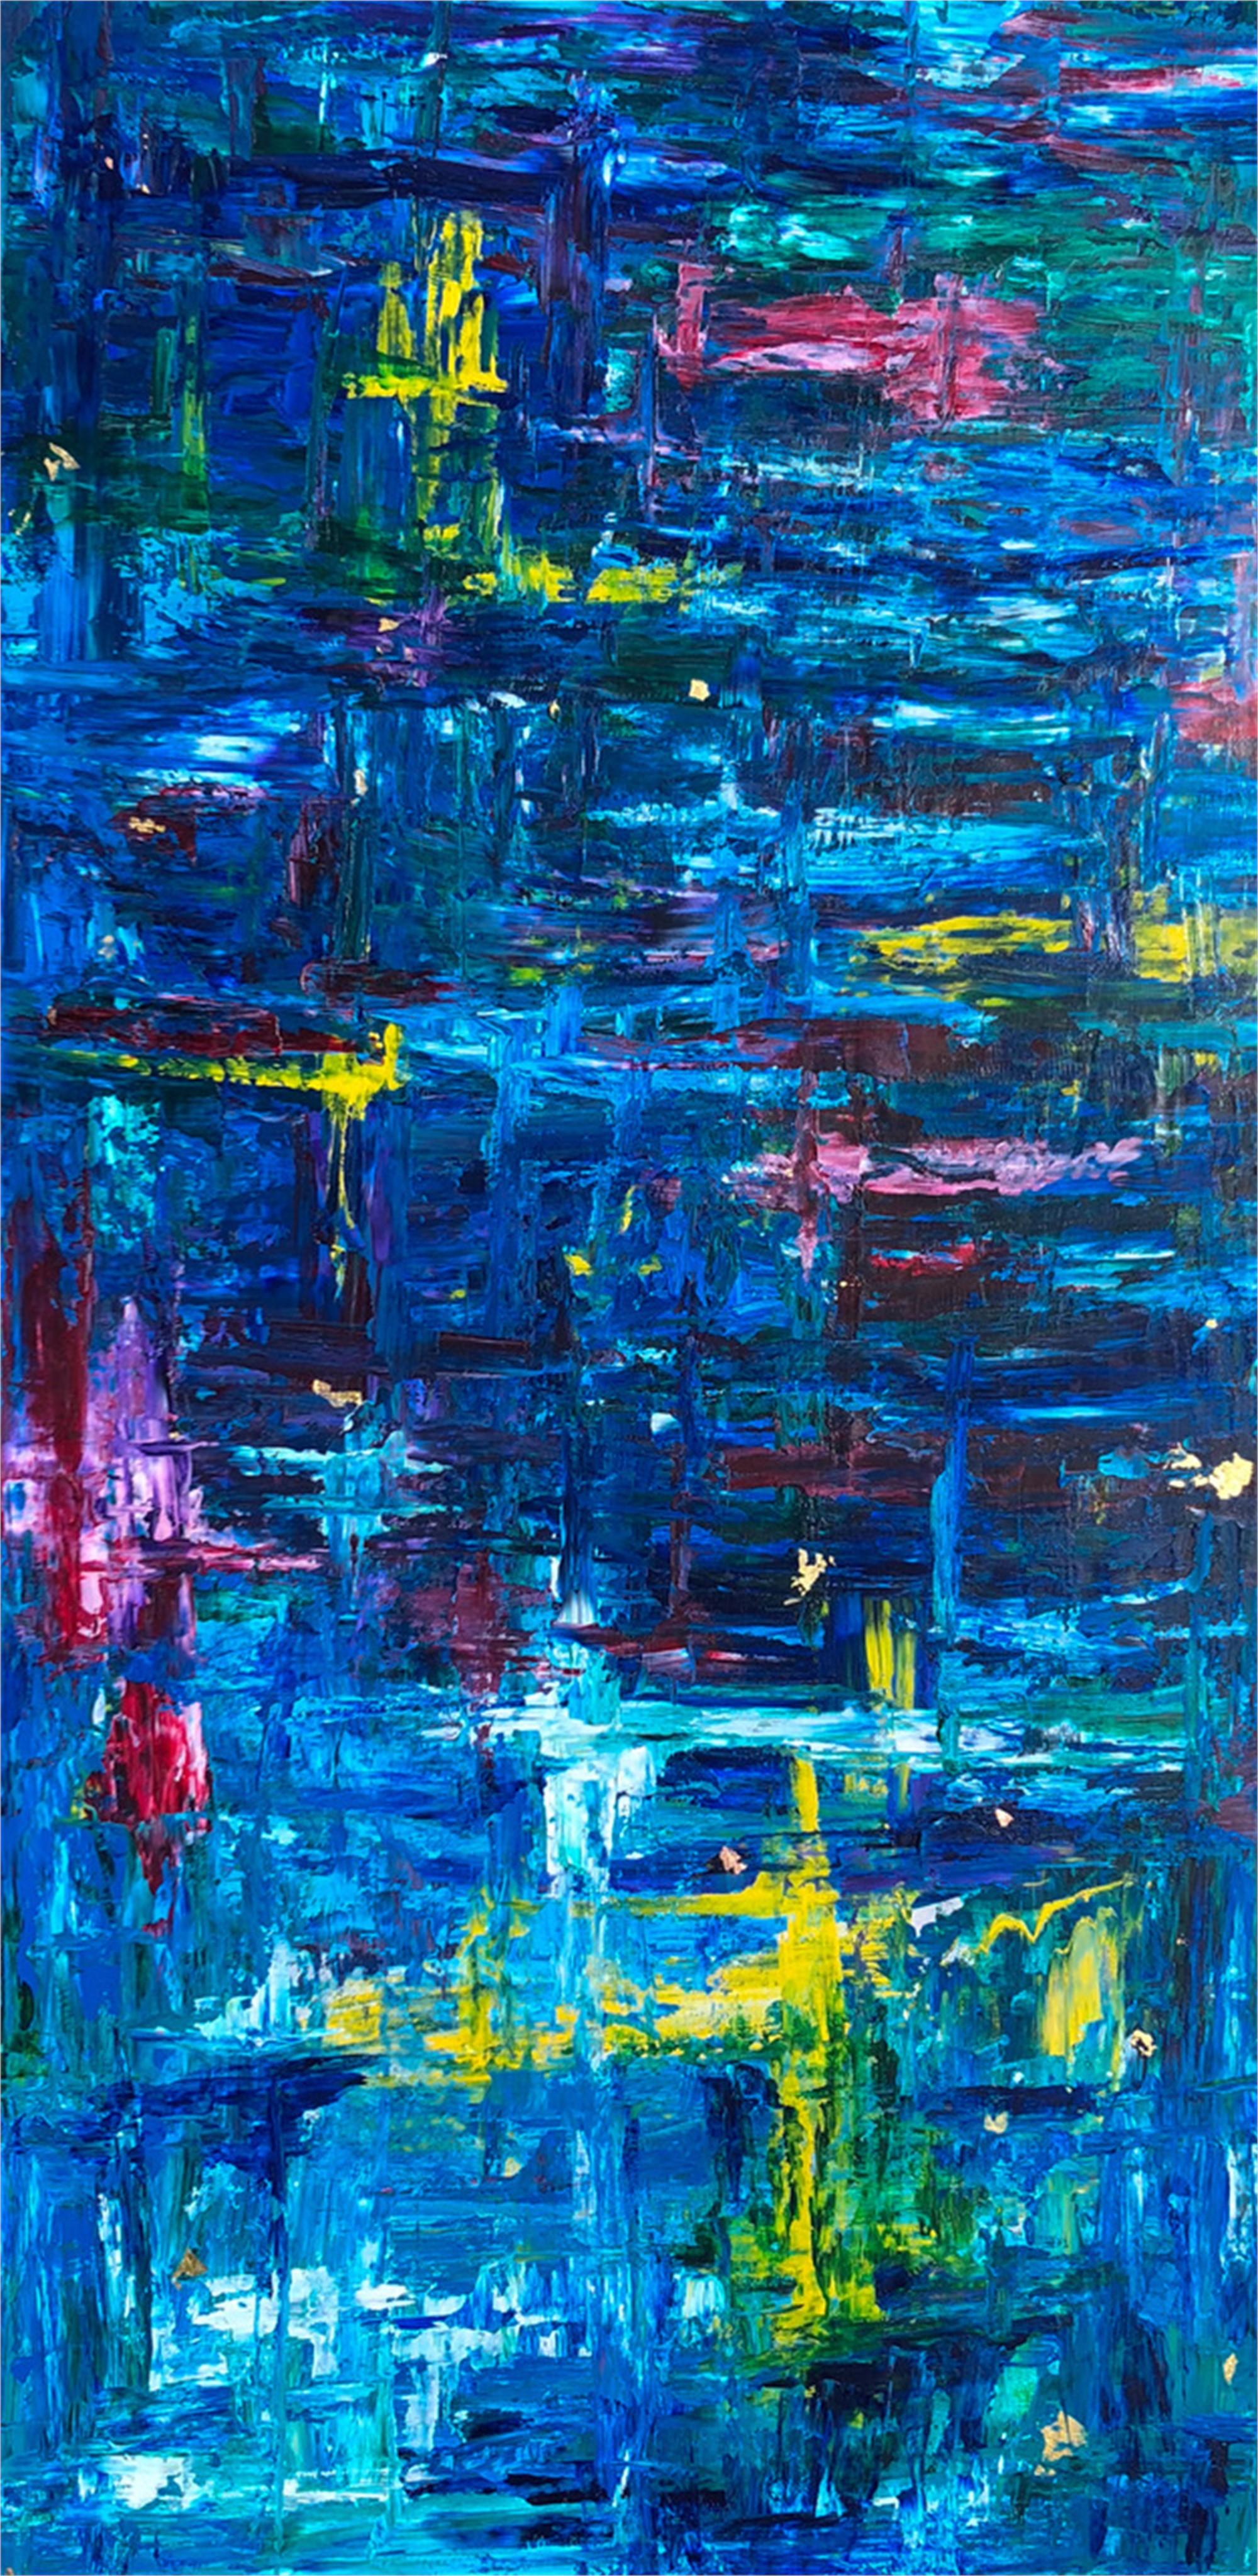 Midnight on Bleeker Street by Andrea Kreeger